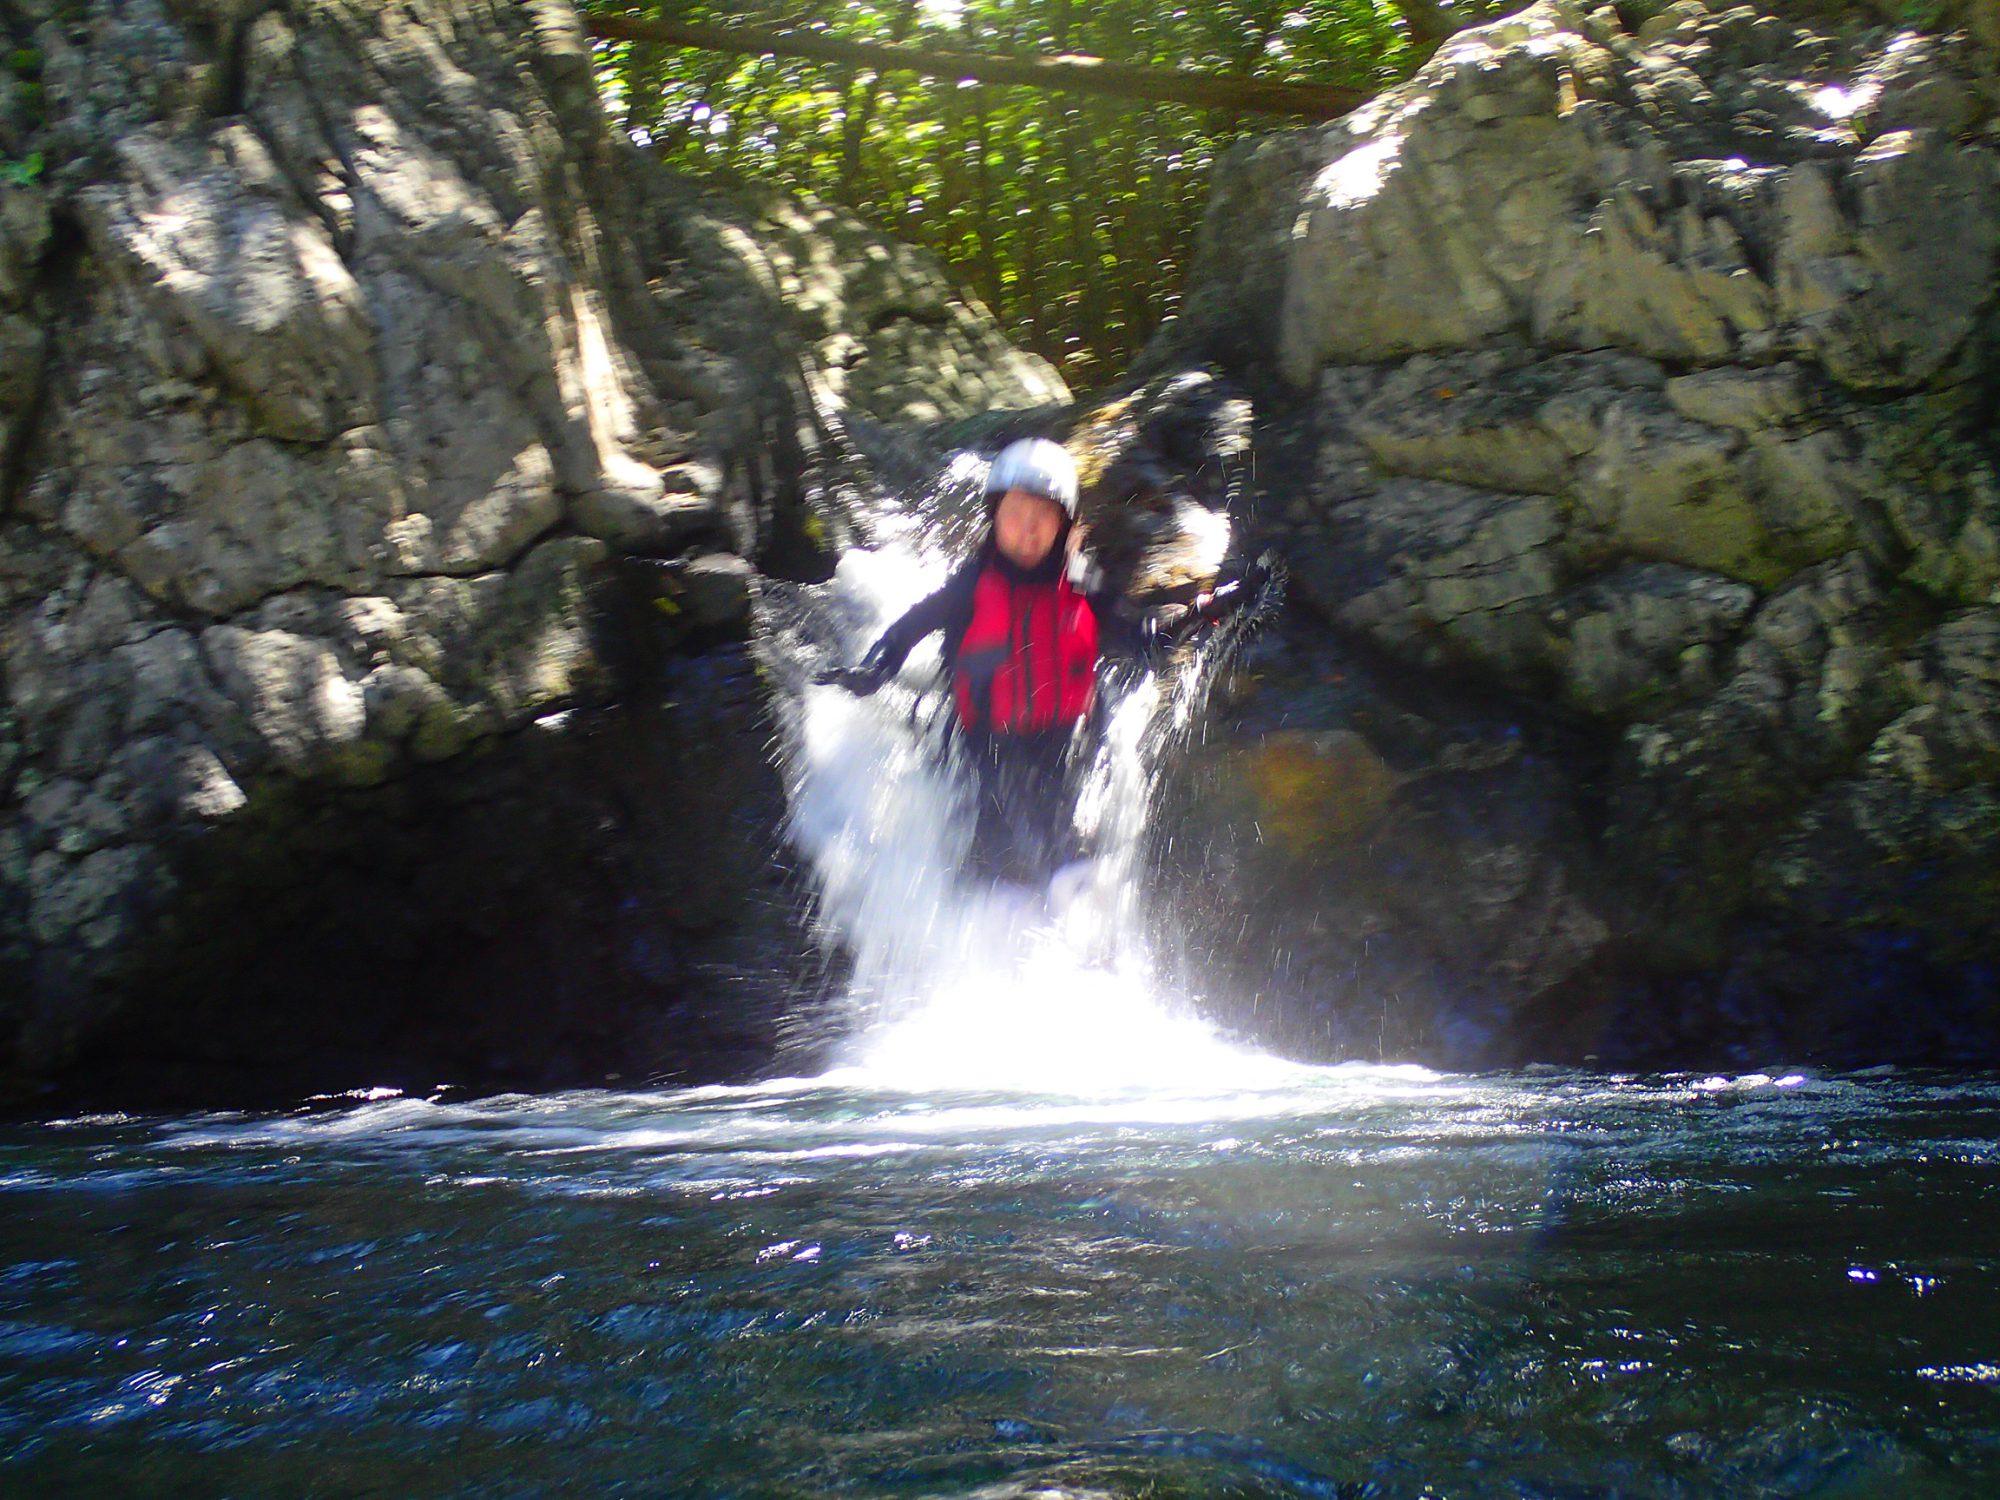 秘境の滝 ウォータースライダー 沢登り